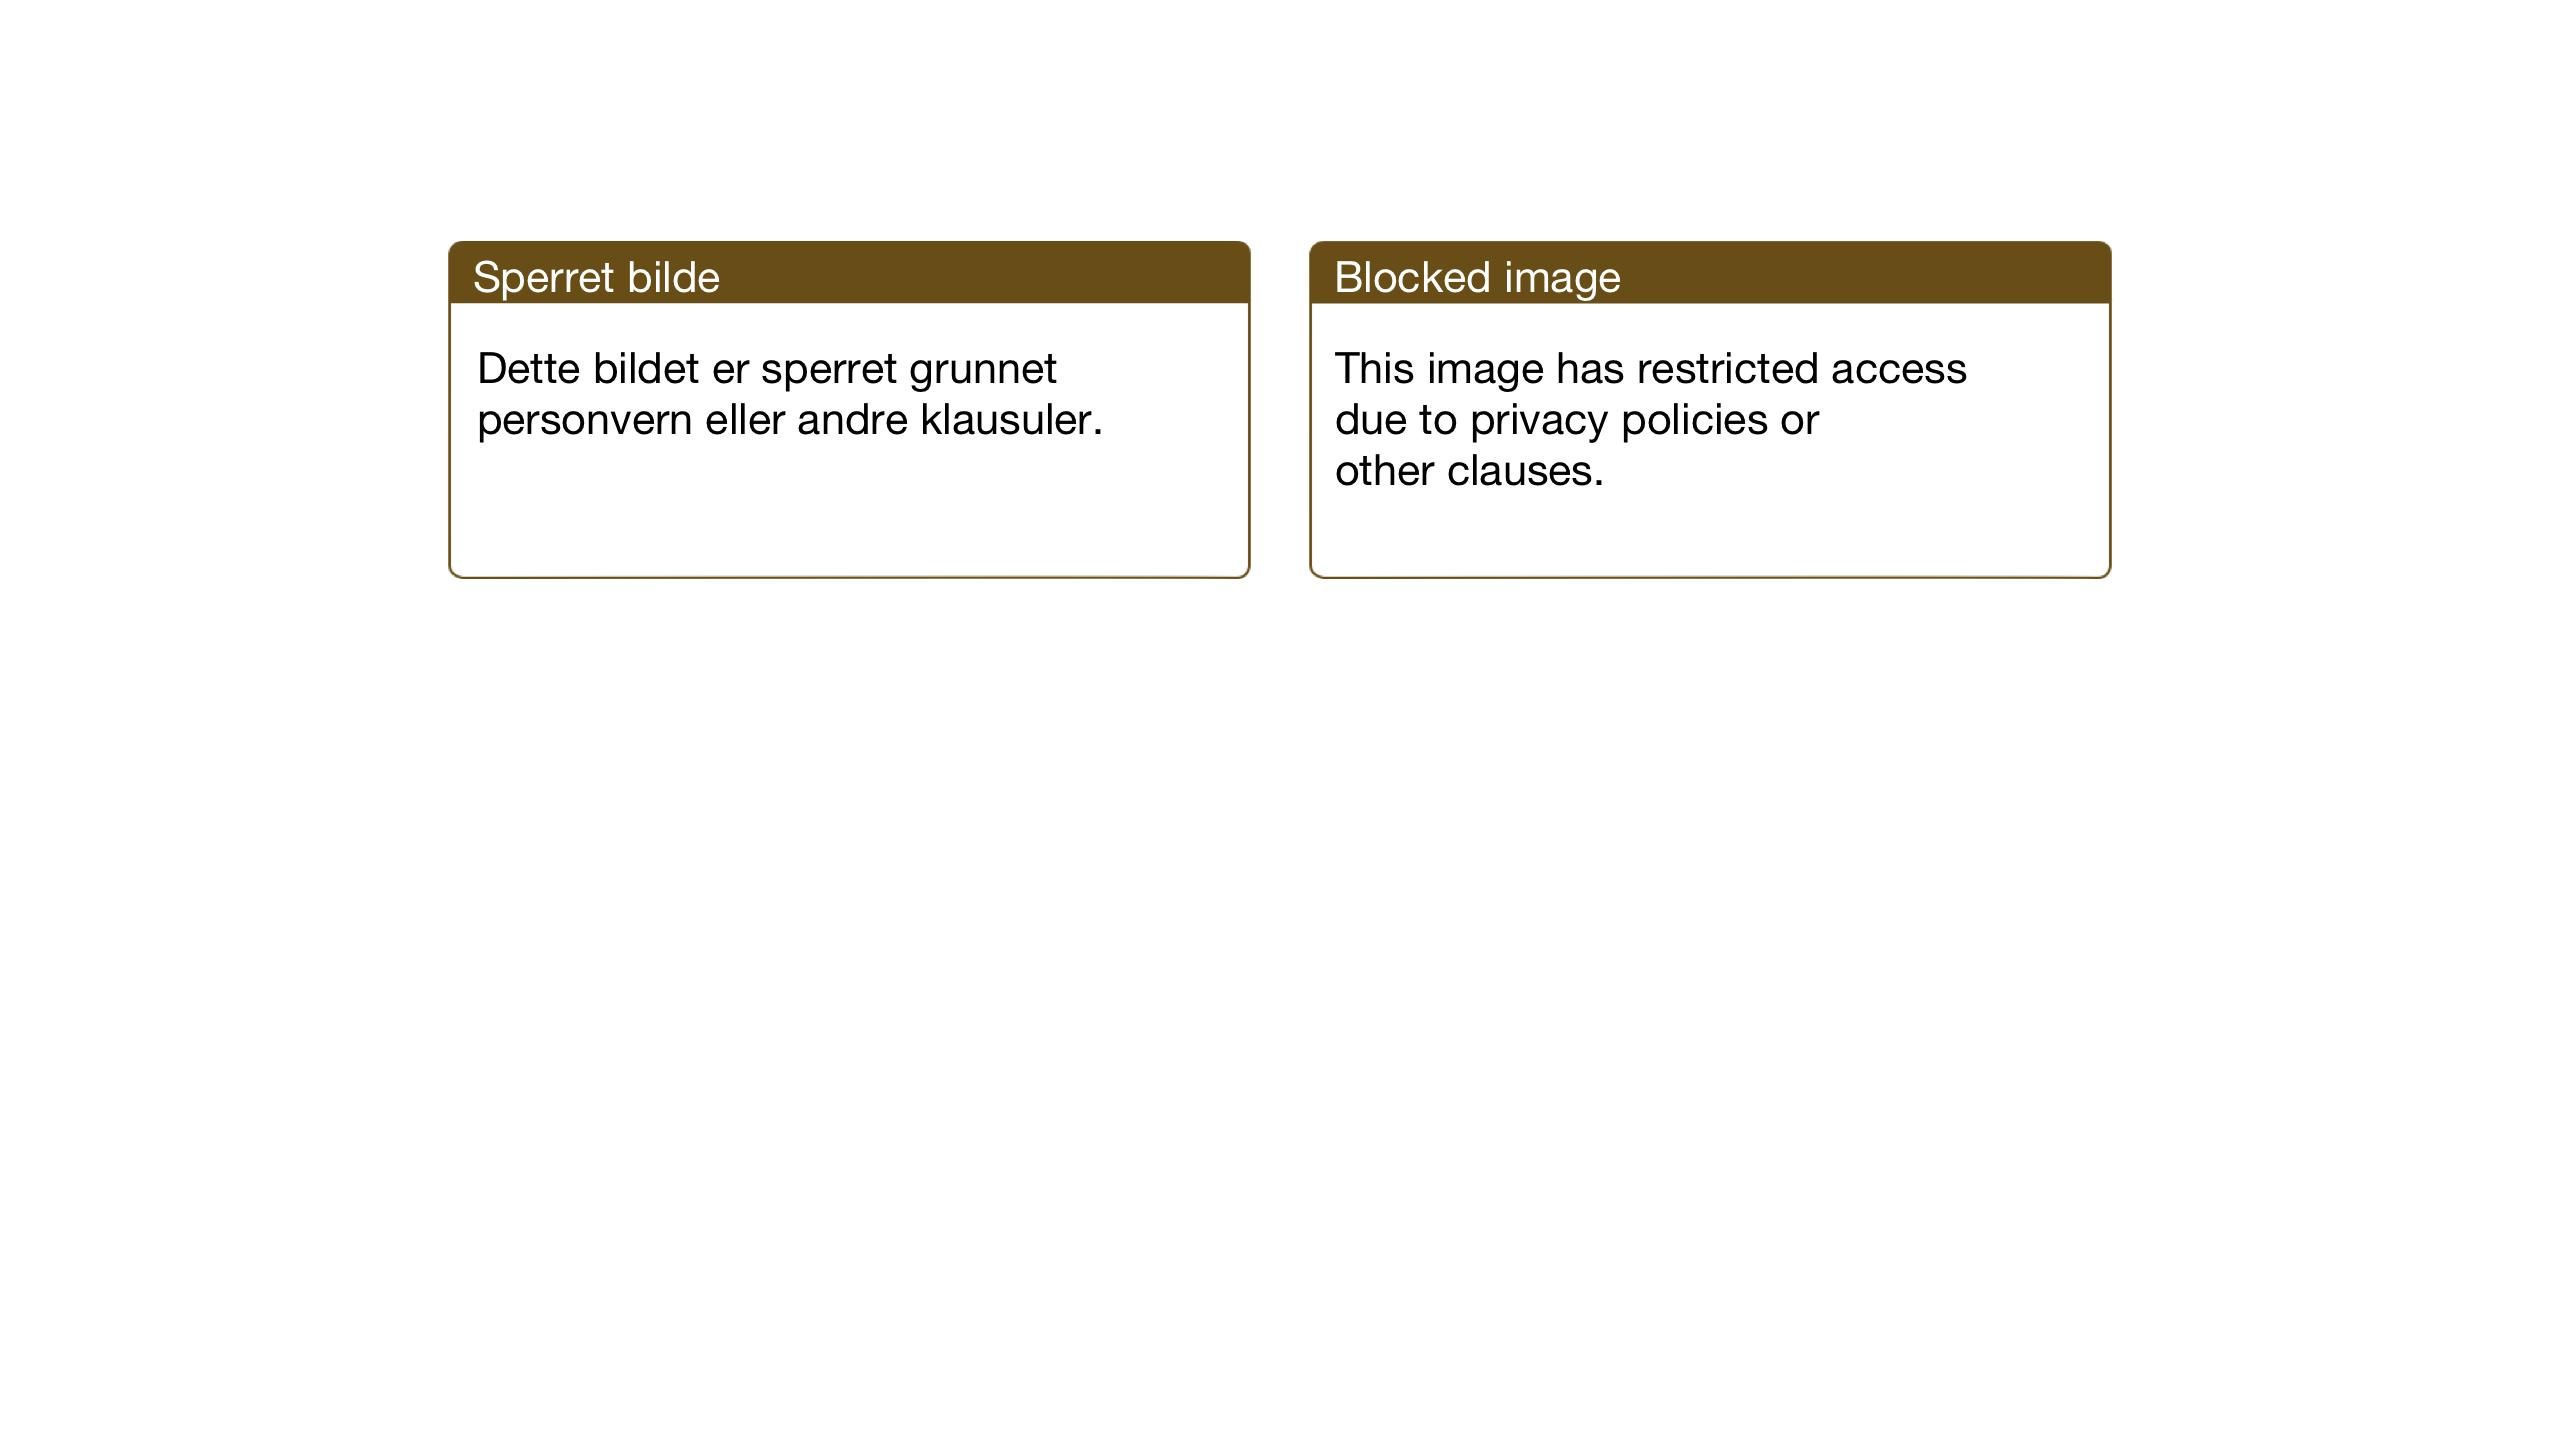 SAT, Ministerialprotokoller, klokkerbøker og fødselsregistre - Sør-Trøndelag, 601/L0061: Ministerialbok nr. 601A29, 1943-1944, s. 2